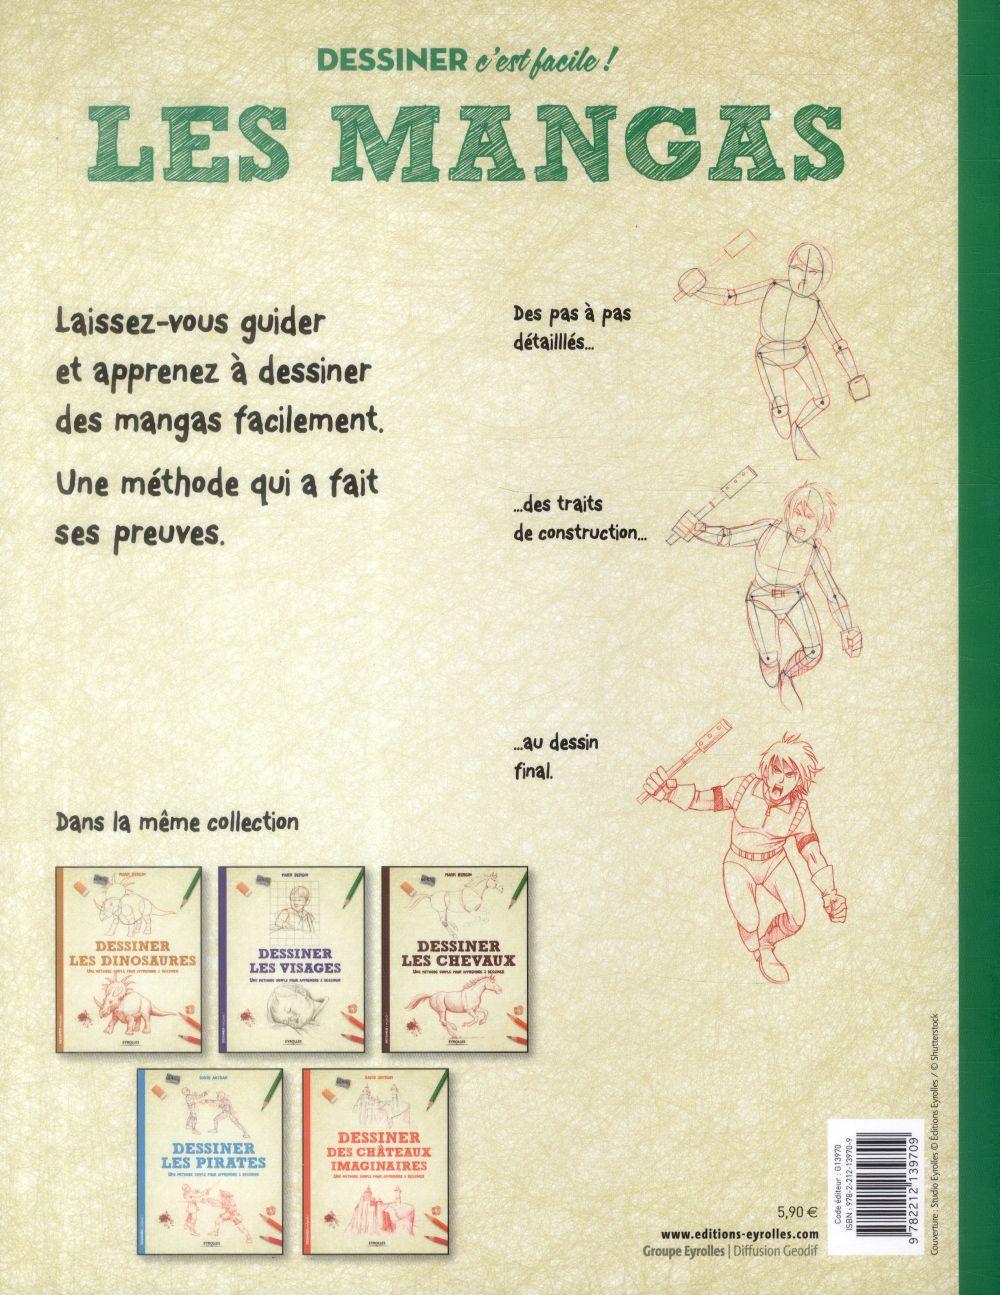 Dessiner les mangas ; une méthode simple pour apprendre à dessiner